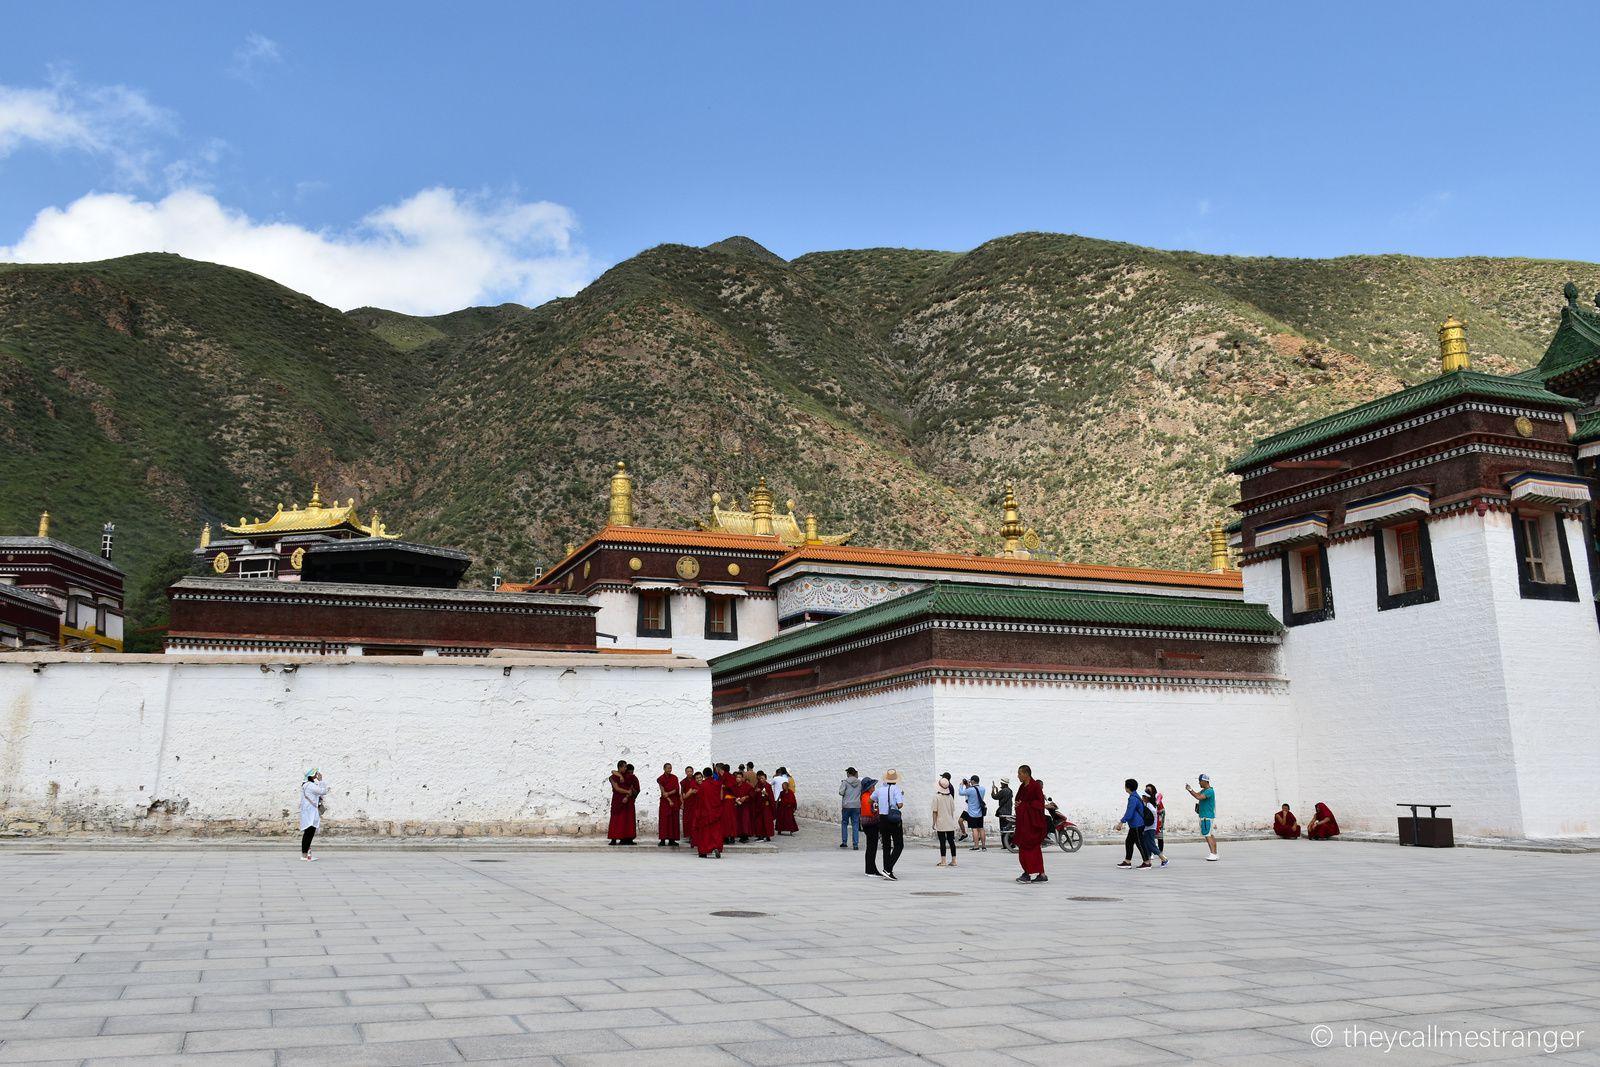 Le monastère tibétain de Labrang 拉卜楞寺, Xiahe夏河